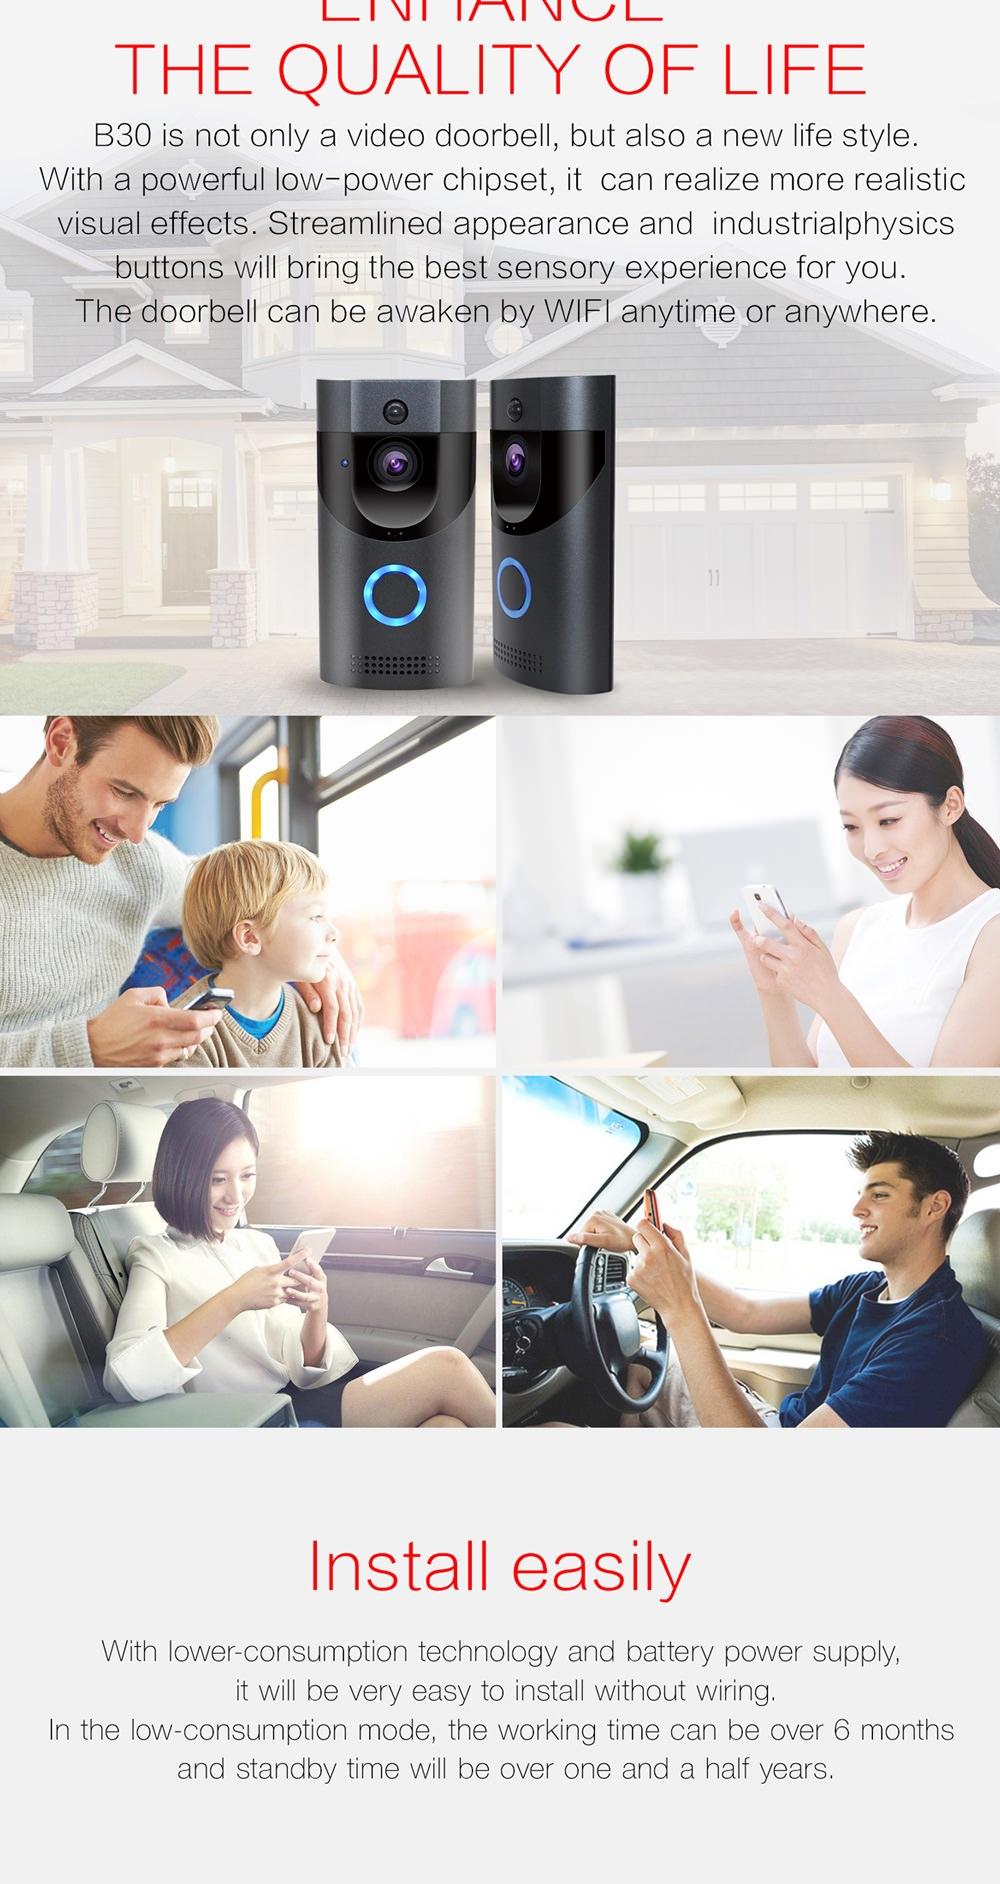 anytek b30 video doorbell